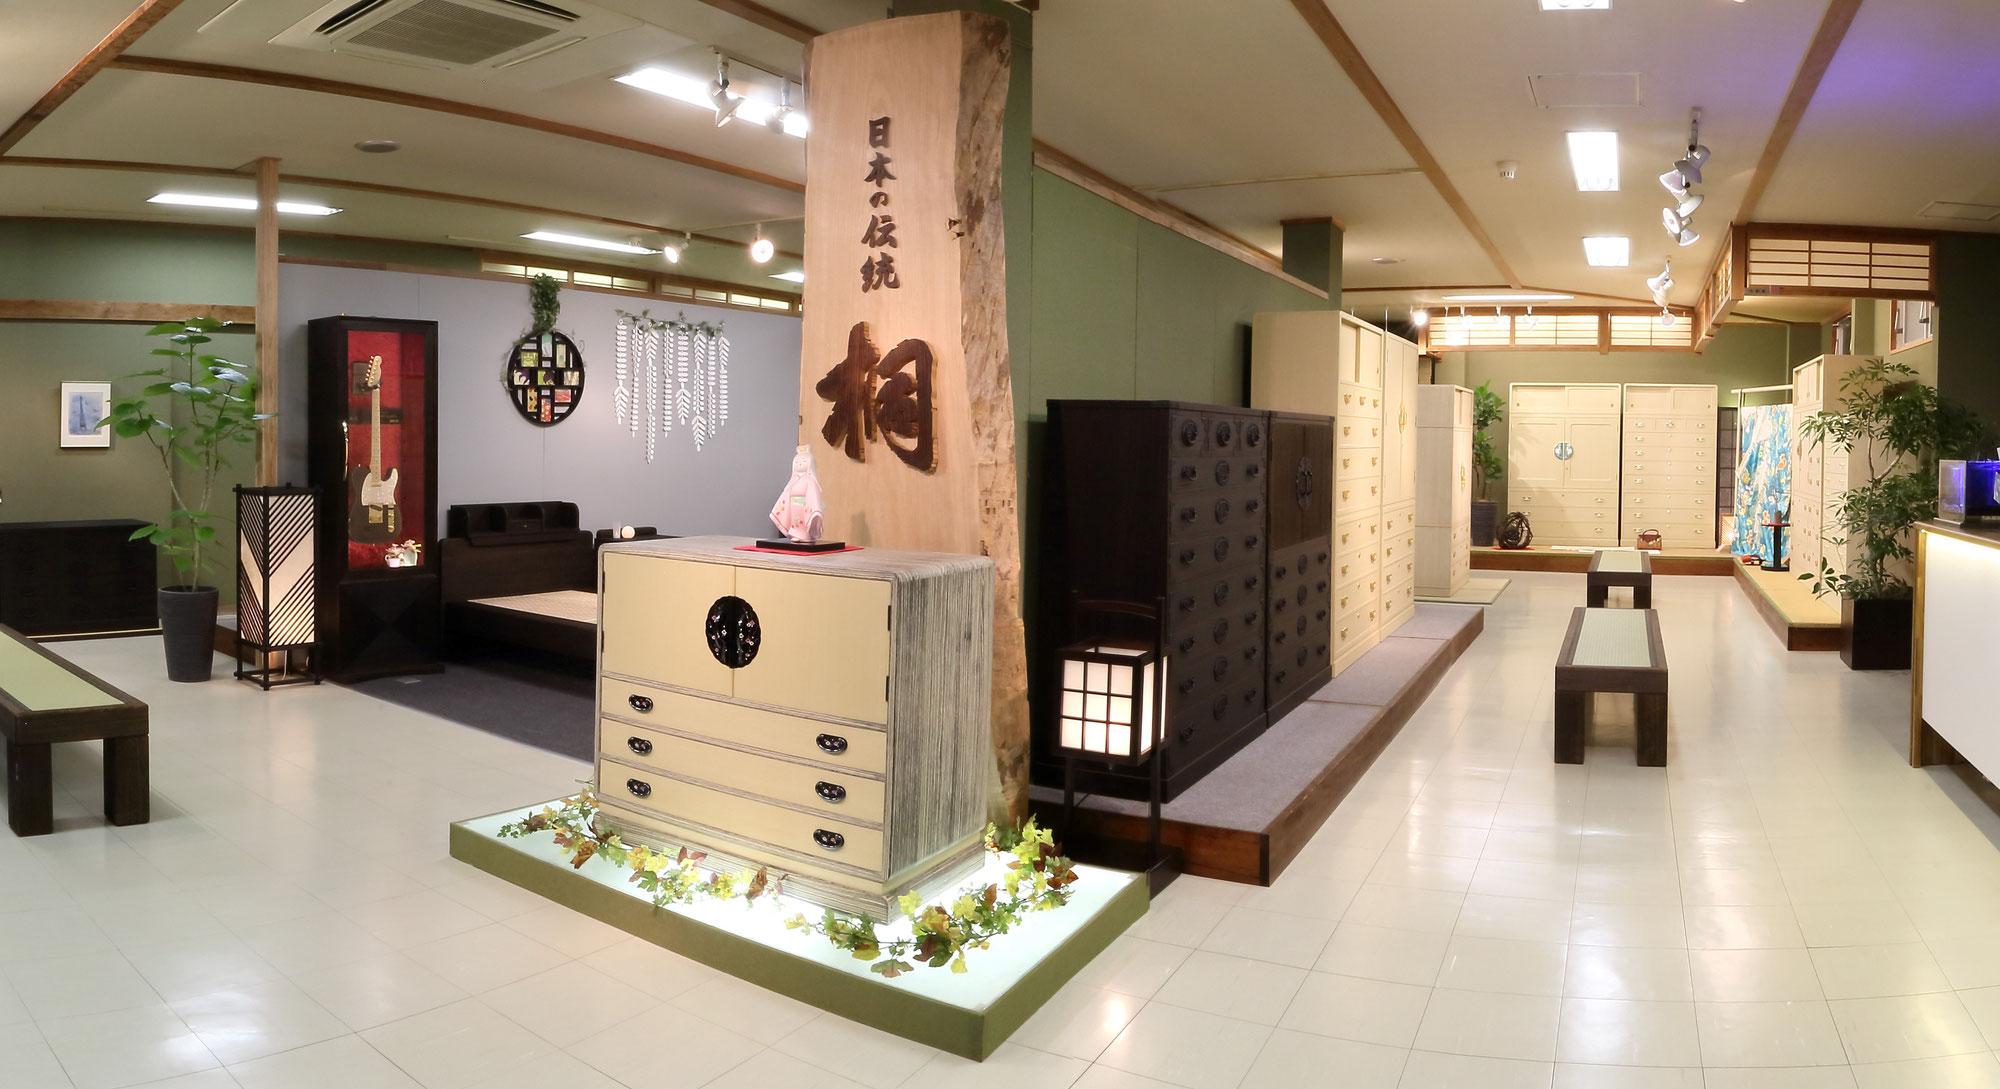 九州屈指の桐たんすメーカーの特別展示会『総桐箪笥和光展』を開催致します。